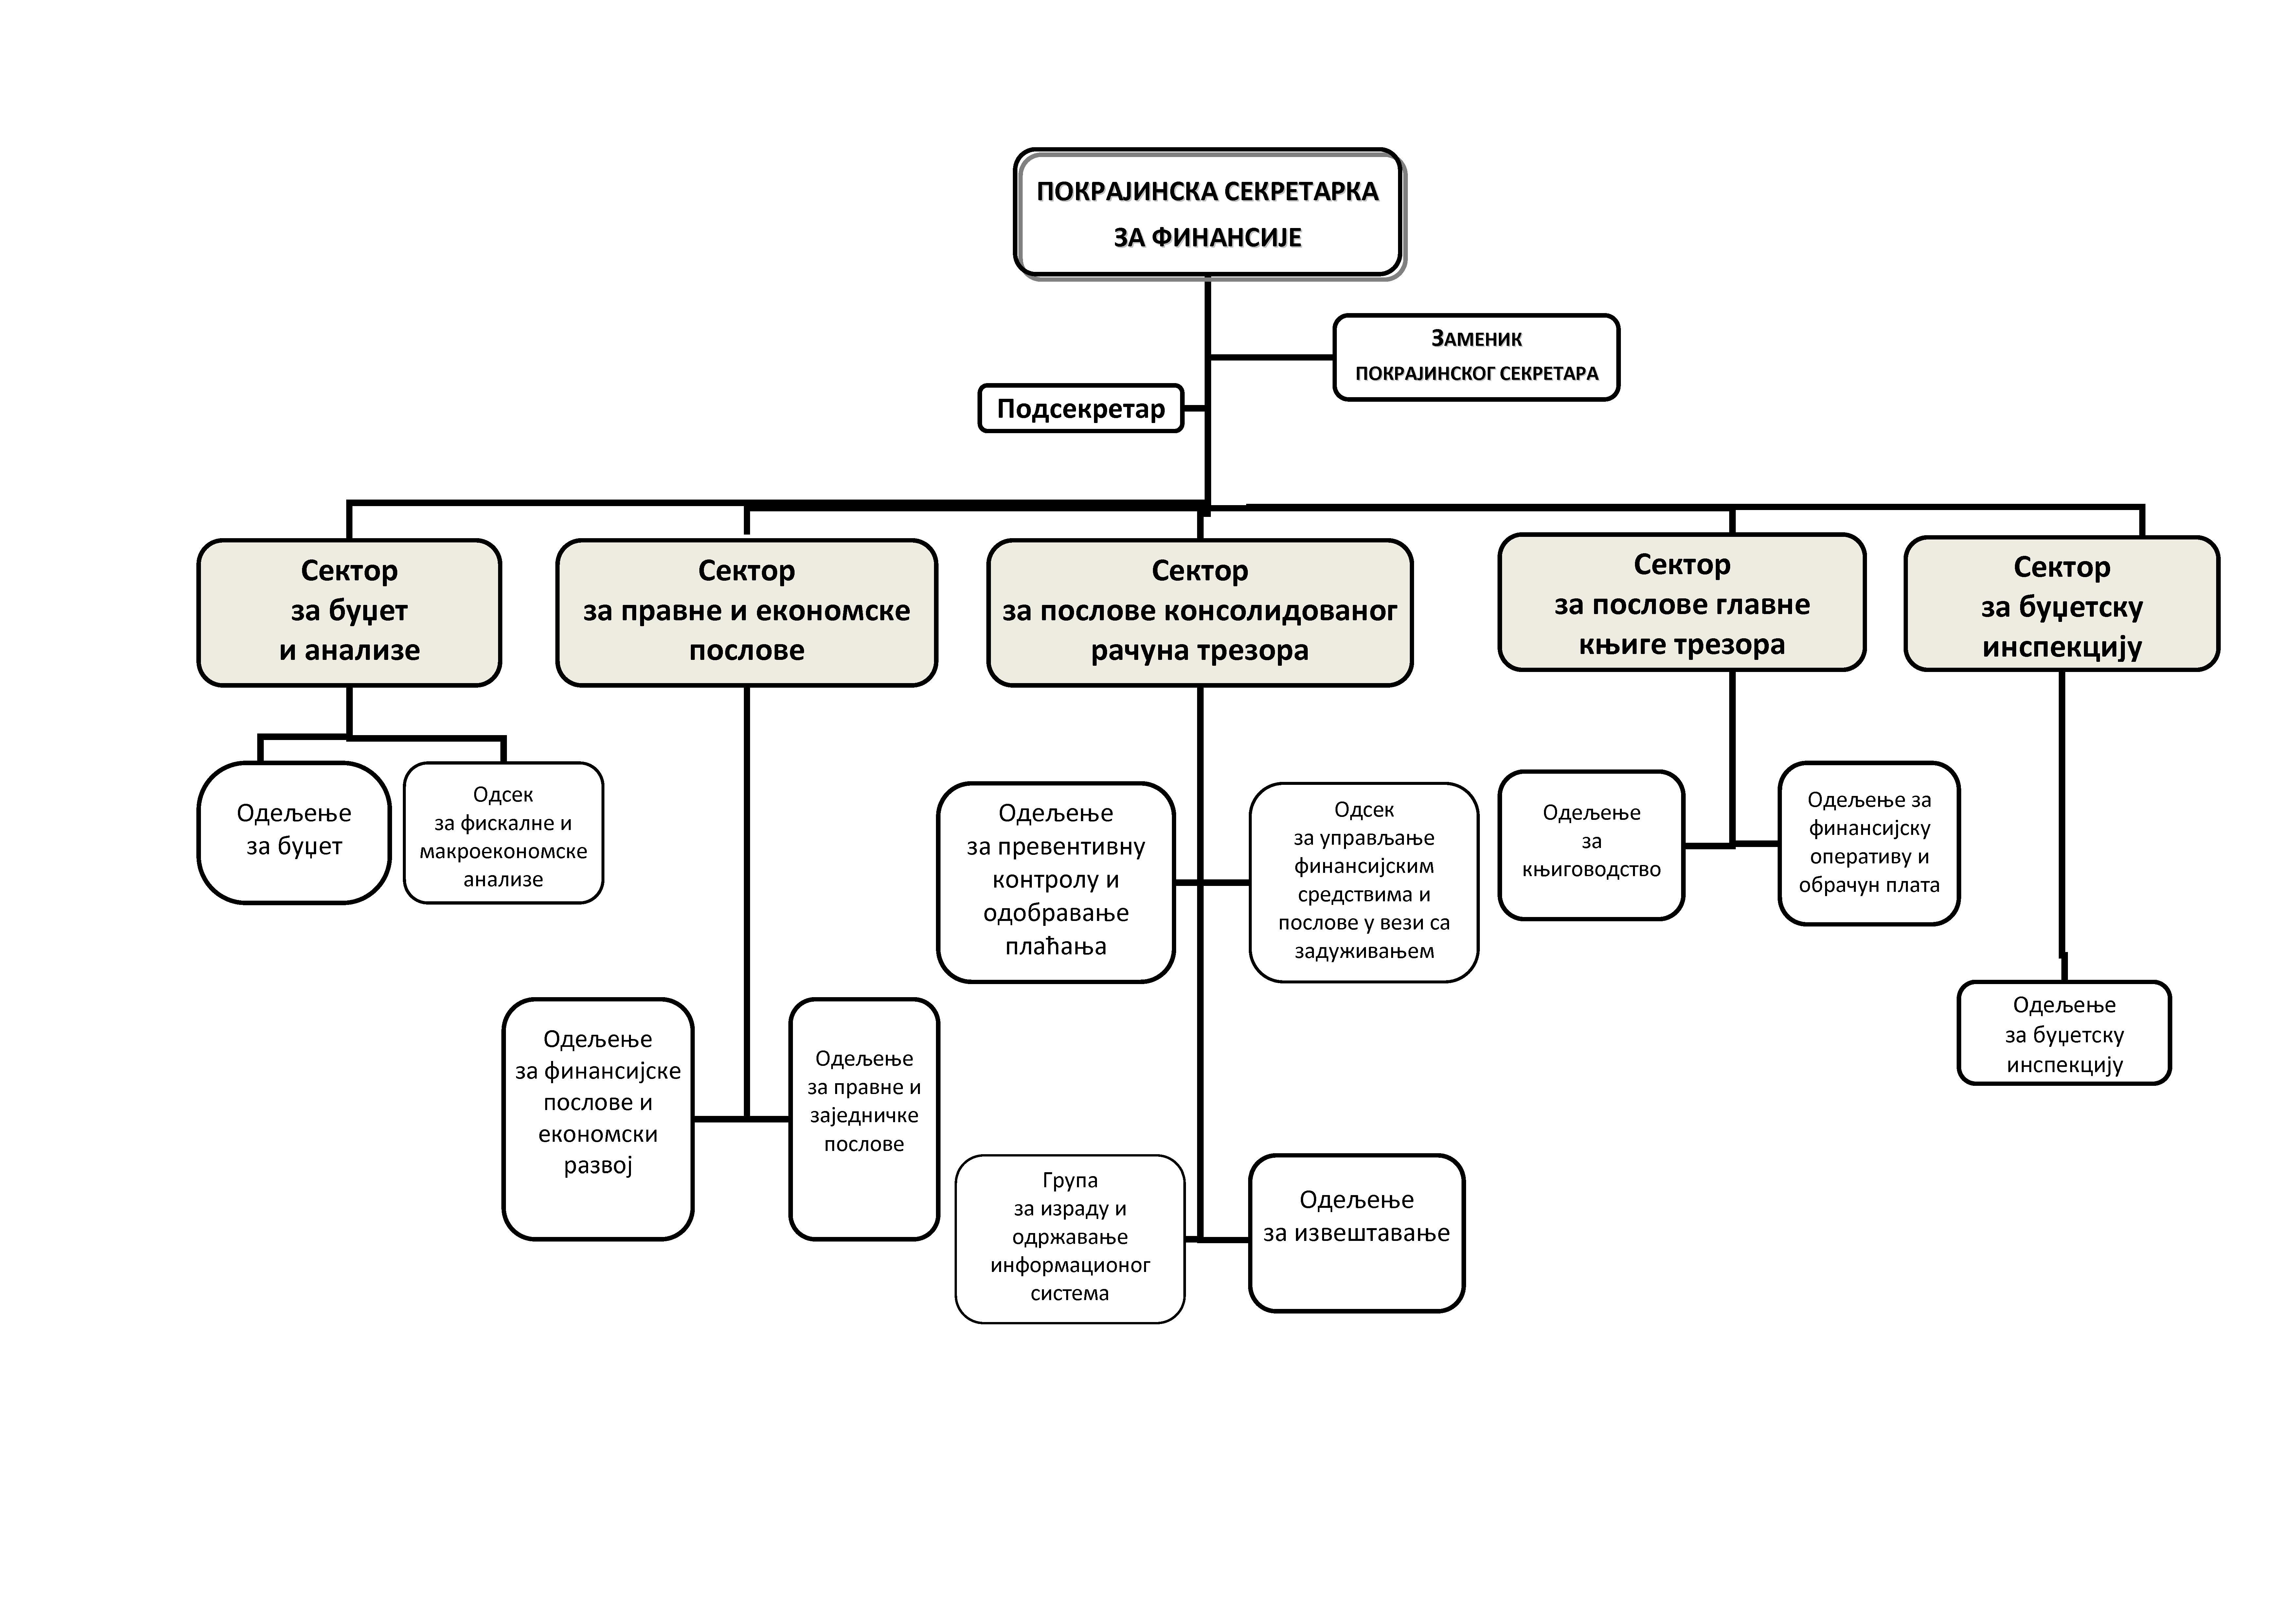 Шема организационе структуре Покрајинског секретаријата за финансије